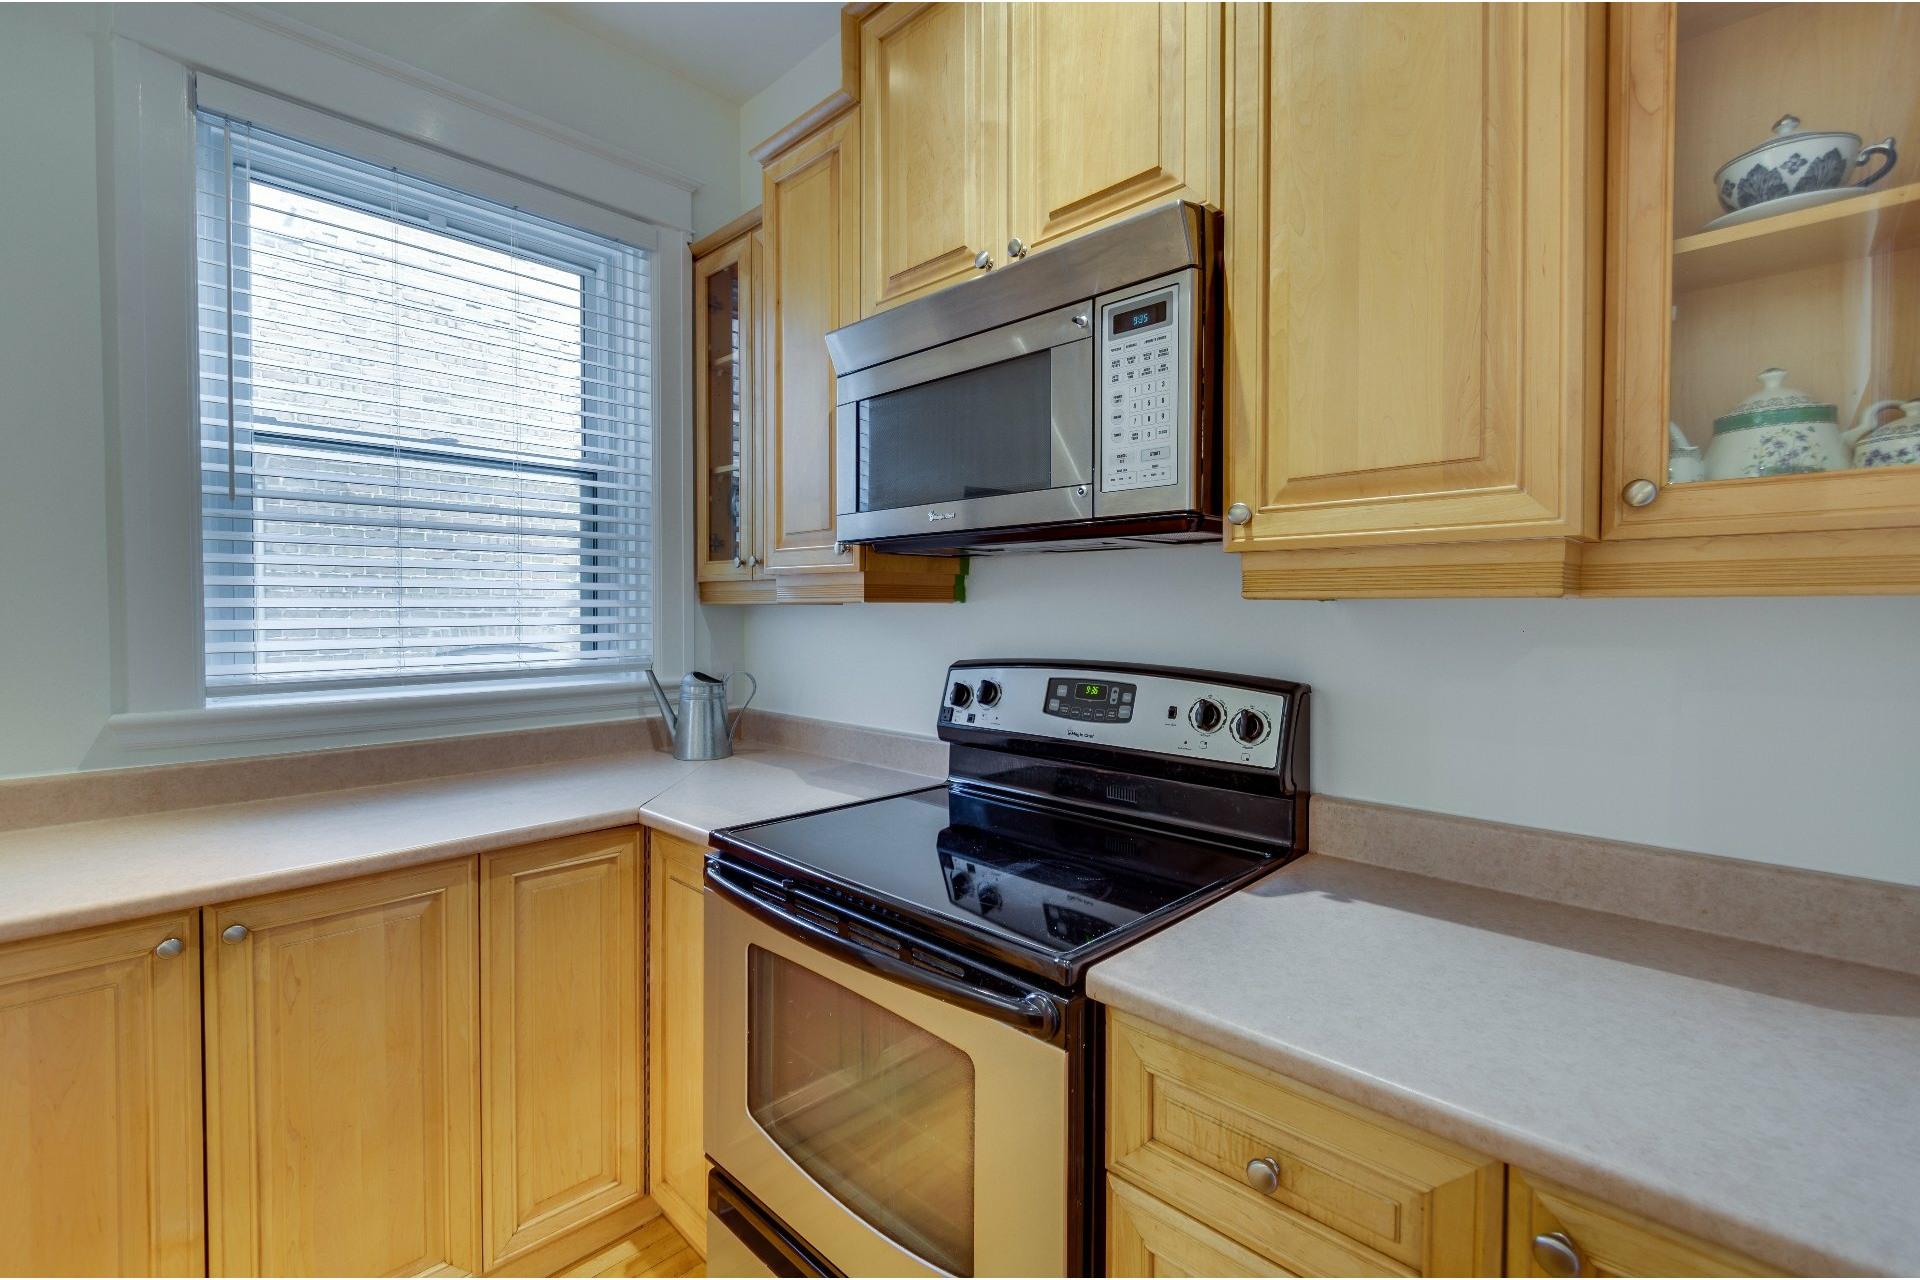 image 6 - Apartment For sale Côte-des-Neiges/Notre-Dame-de-Grâce Montréal  - 7 rooms